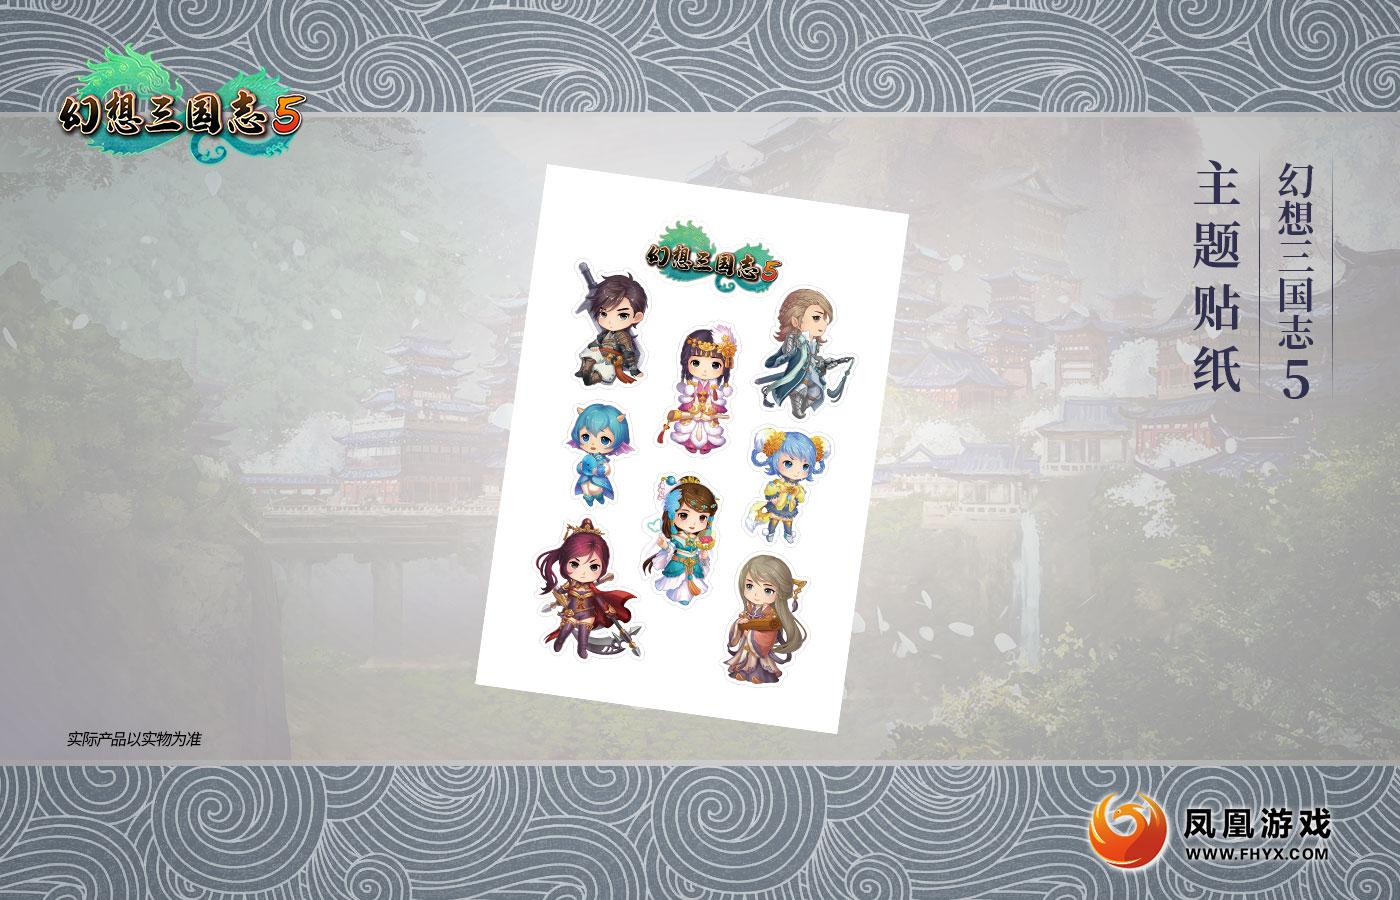 幻想三国志5主题贴纸